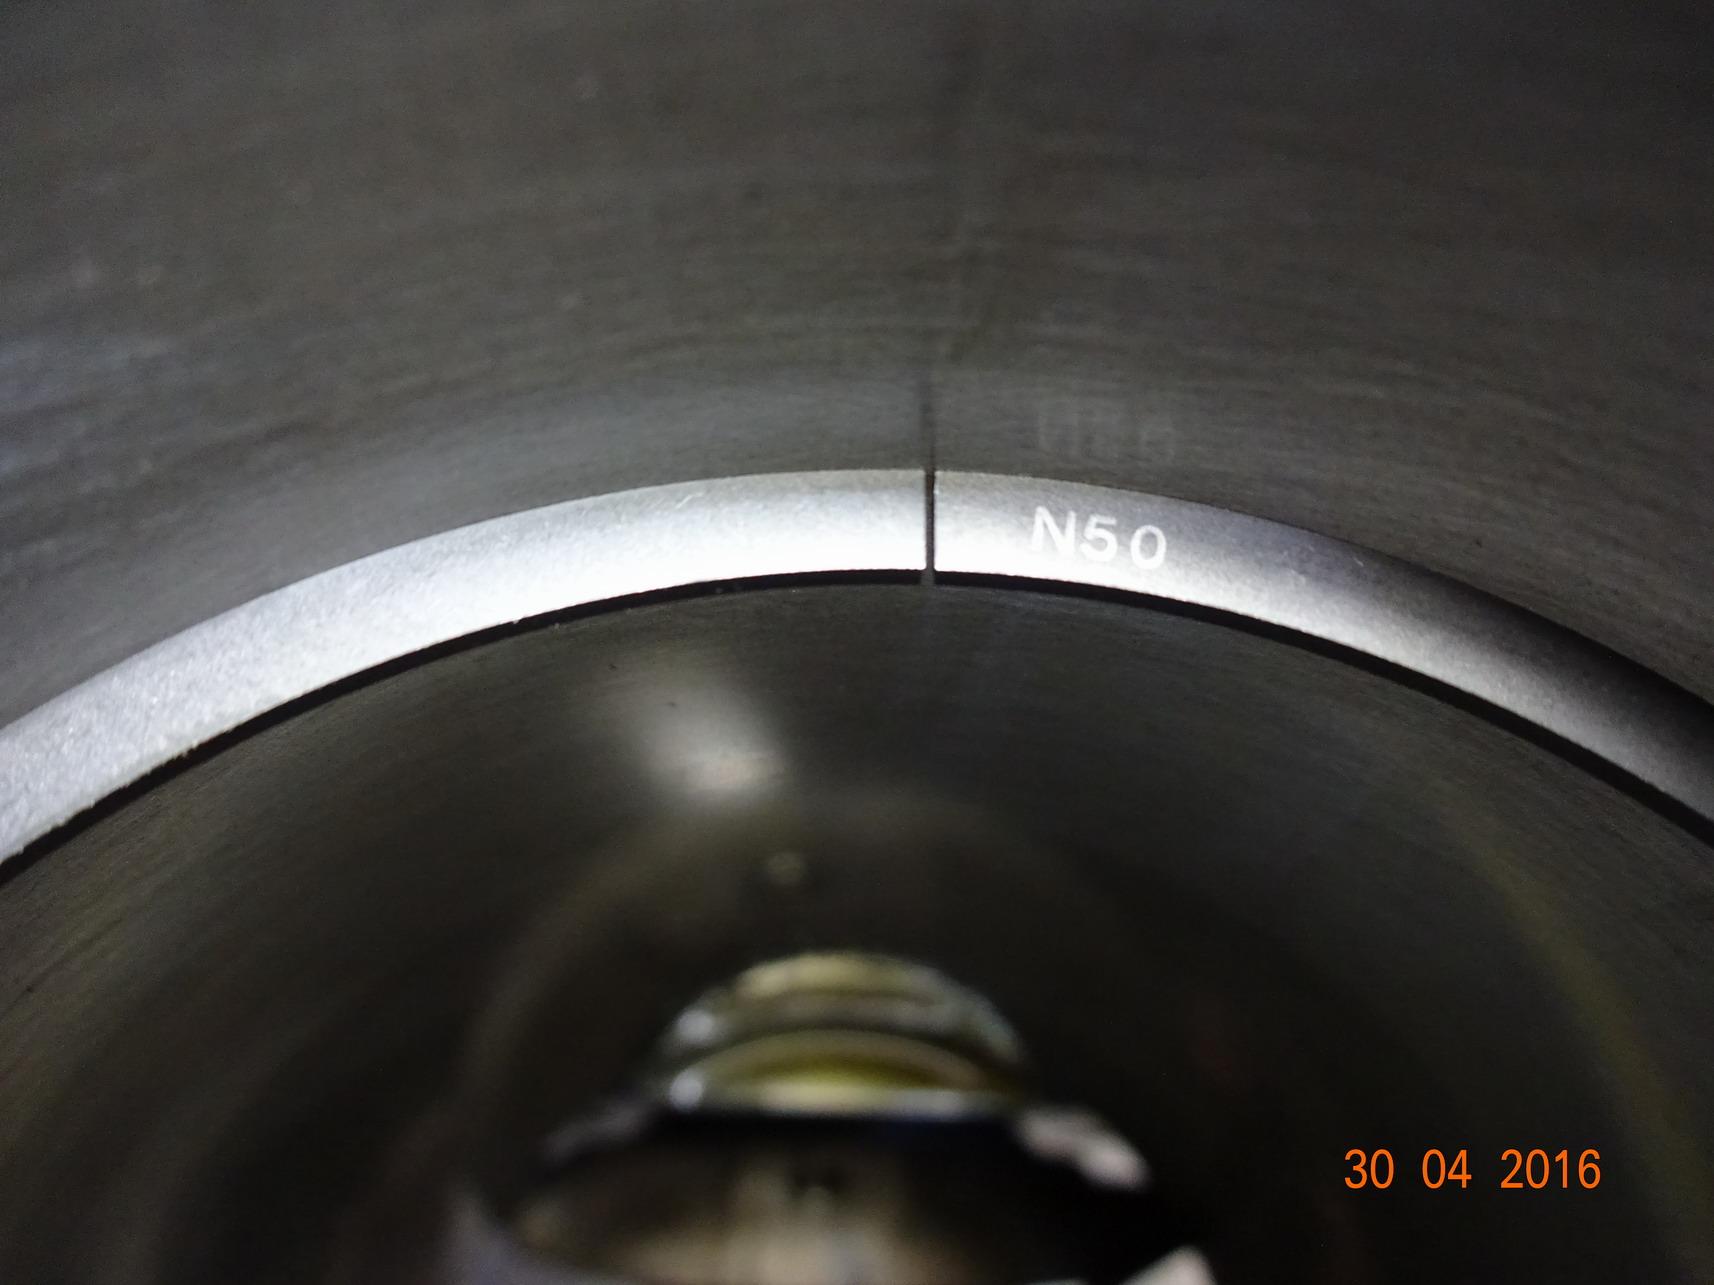 100% Wahr Stahlbuchse Business & Industrie